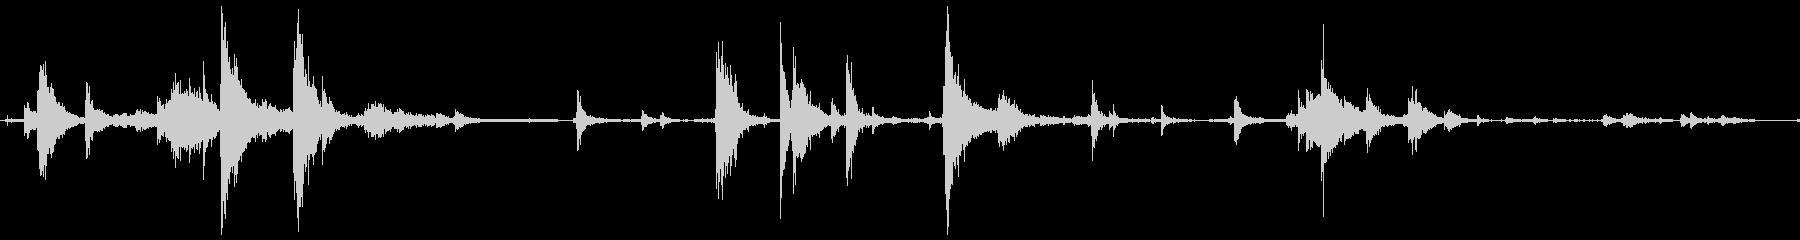 カチャカチャ(金属片を束ねる音)の未再生の波形